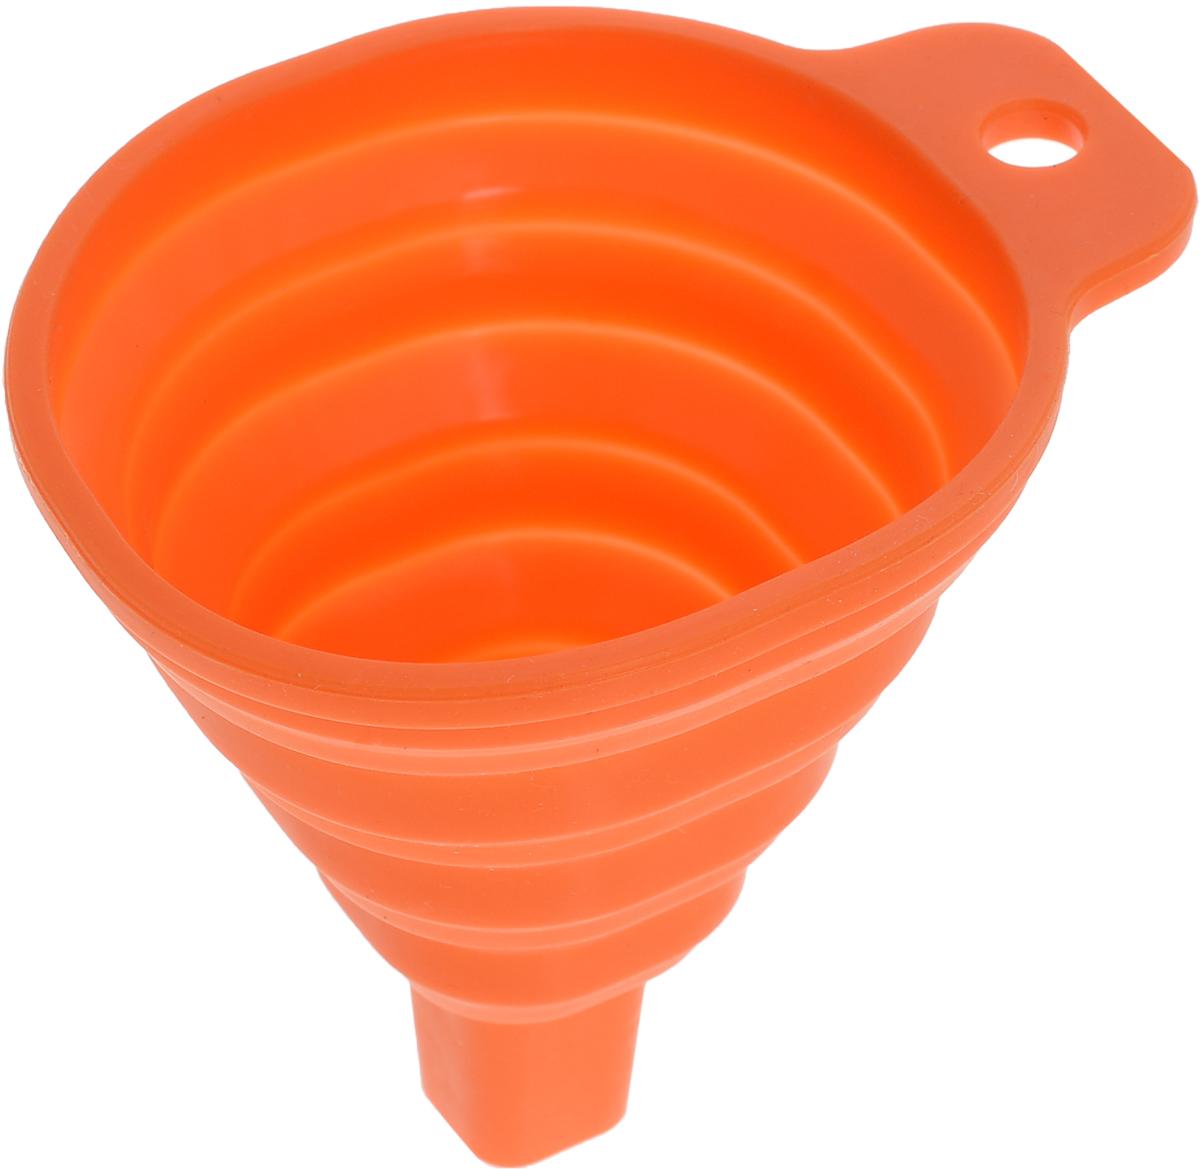 Воронка Доляна Квадро, складная, цвет: оранжевый, 7 х 7 х 9 см811938_оранжевыйСкладная воронка Доляна Квадро понадобится любой хозяйке. Выполнена из силикона. Материал позволяет варьировать размер слива в зависимости от диаметра горловины и условий хранения. Она проста в использовании.Размеры: 7 х 7 х 9 см.